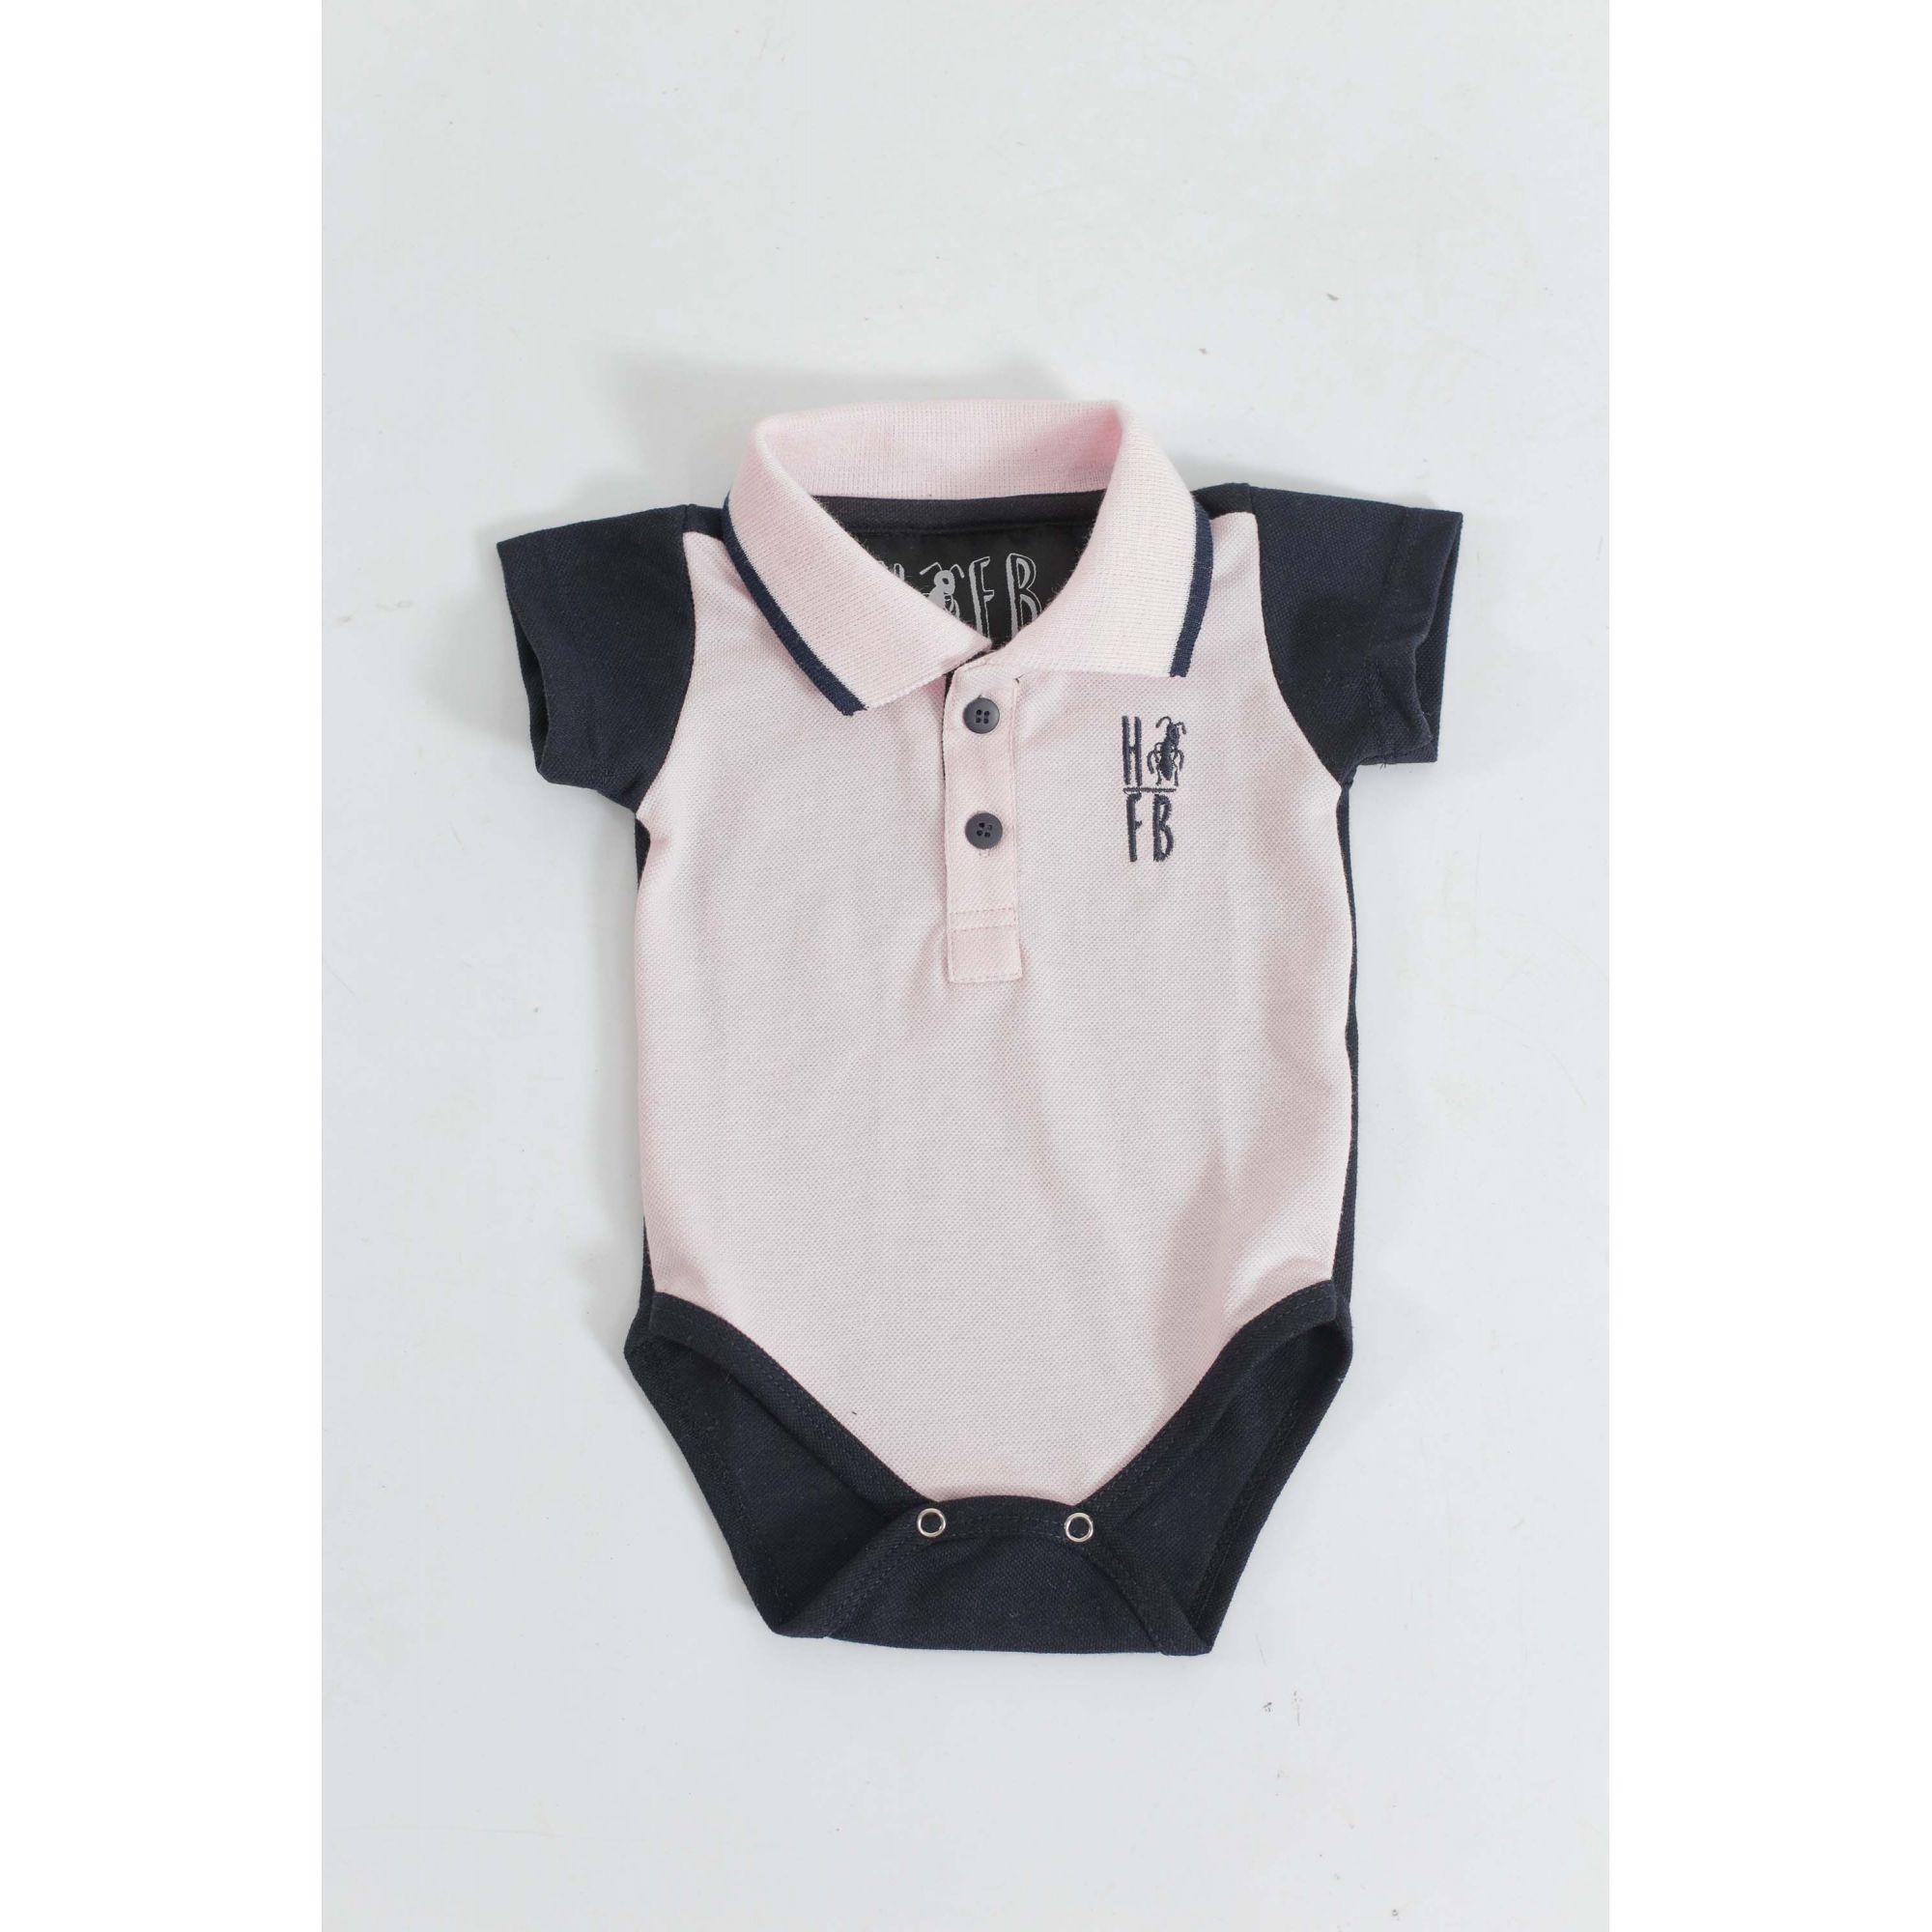 Camisa Polo ou Body Infantil Rosa com Azul Marinho  - Heitor Fashion Brazil